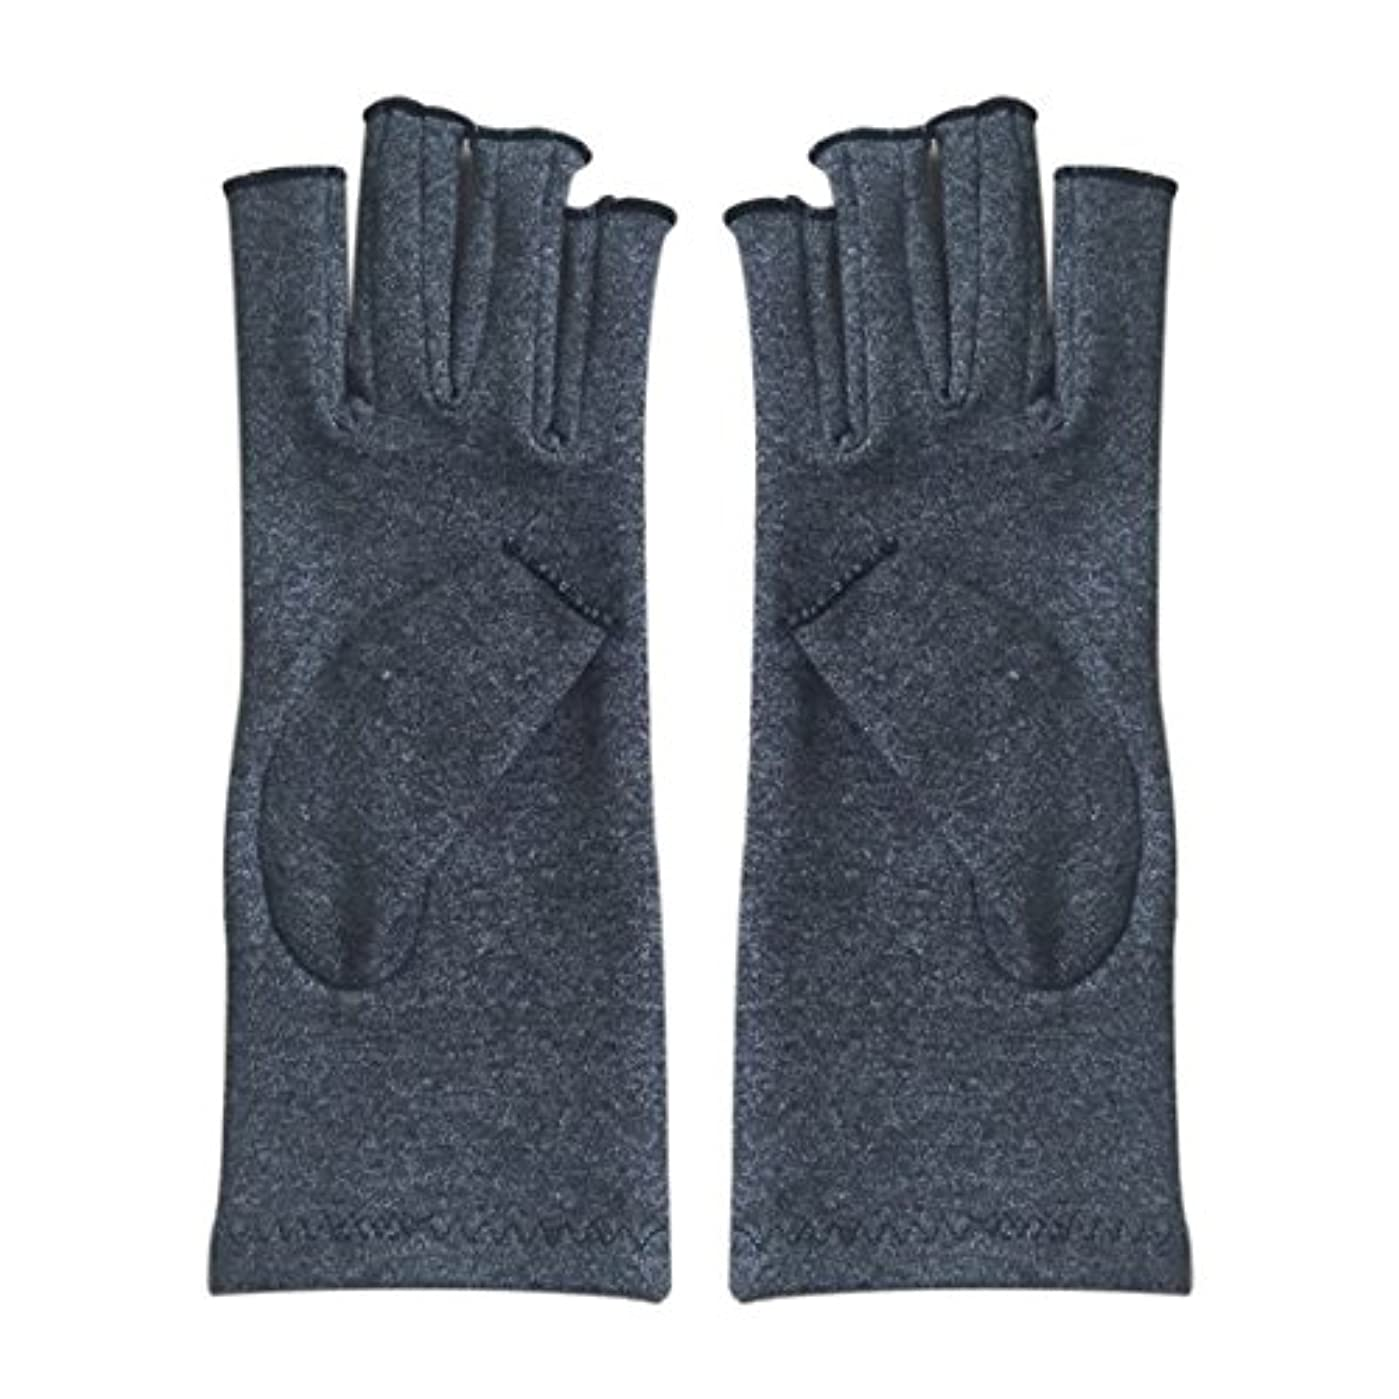 日曜日代わりのエジプト人ACAMPTAR 1ペア成人男性女性用弾性コットンコンプレッション手袋手関節炎関節痛鎮痛軽減S -灰色、S